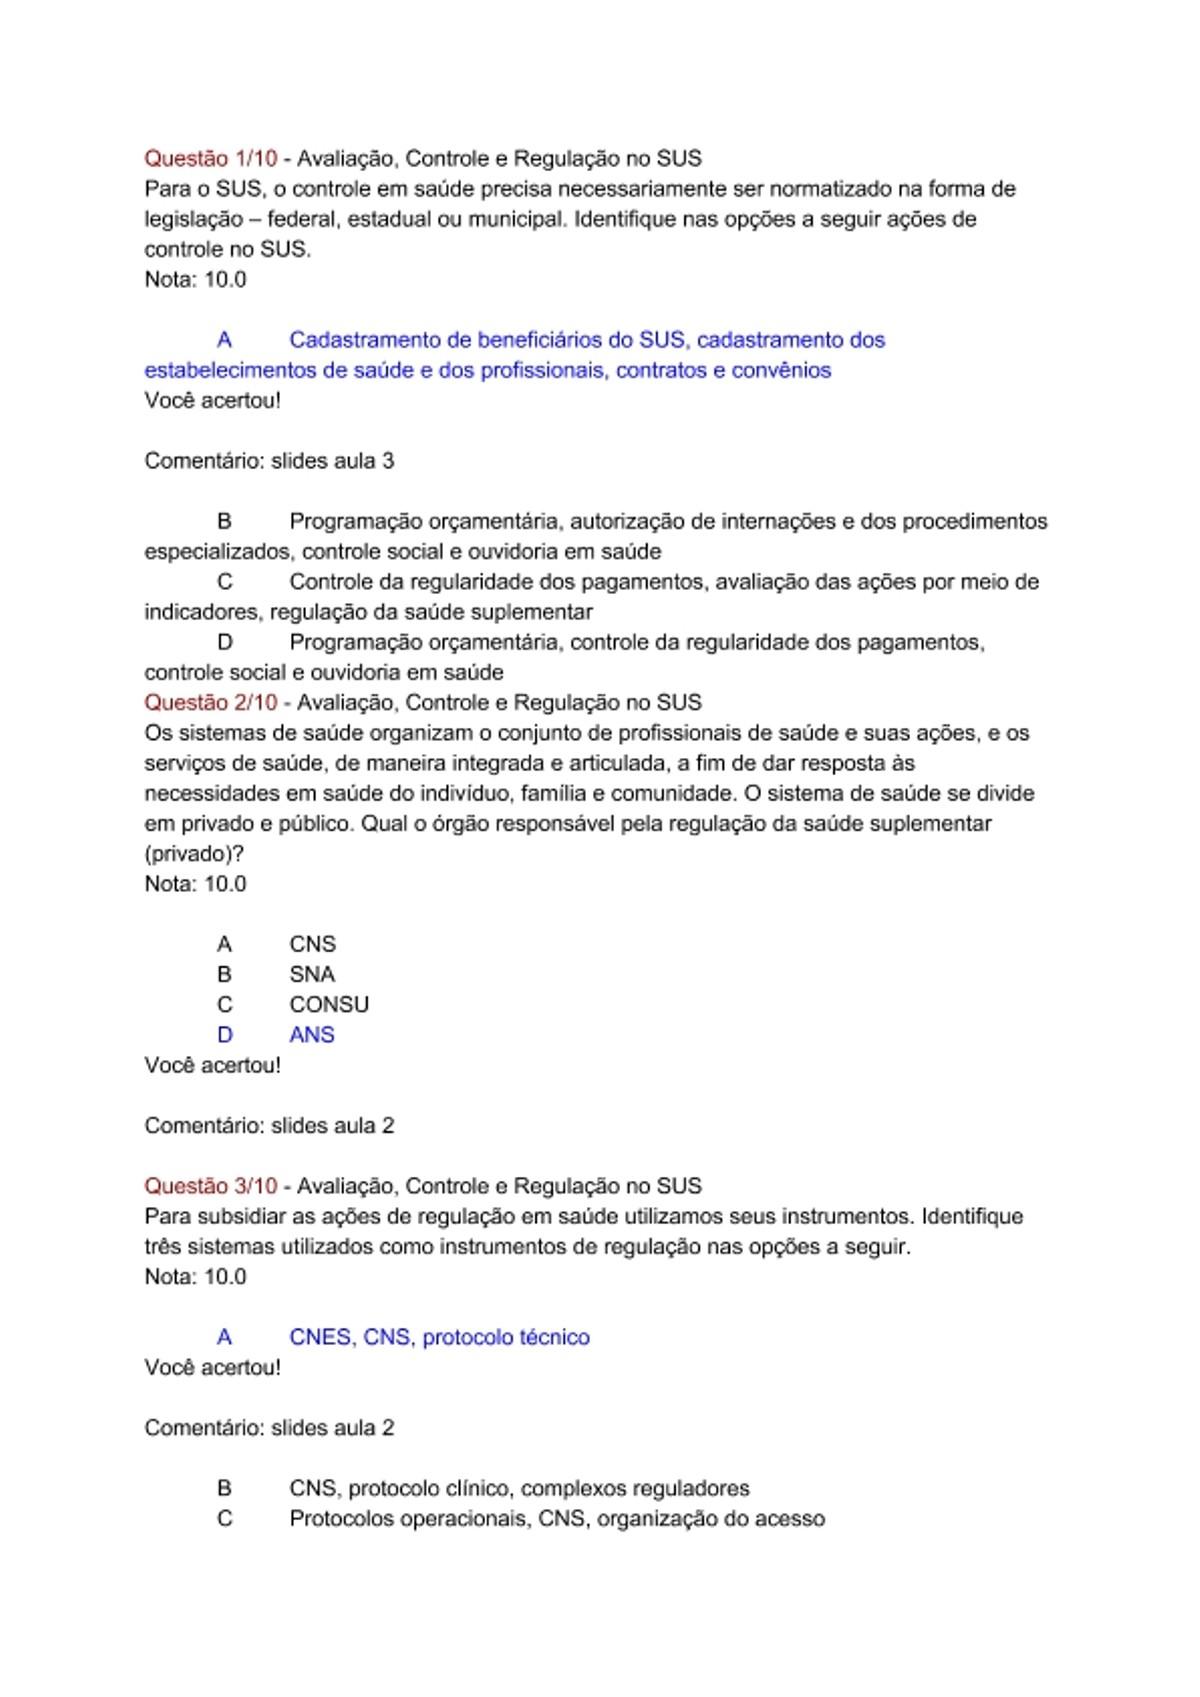 Pre-visualização do material Questão 1-10 - Avaliação, Controle e Regulação no SUS - página 1